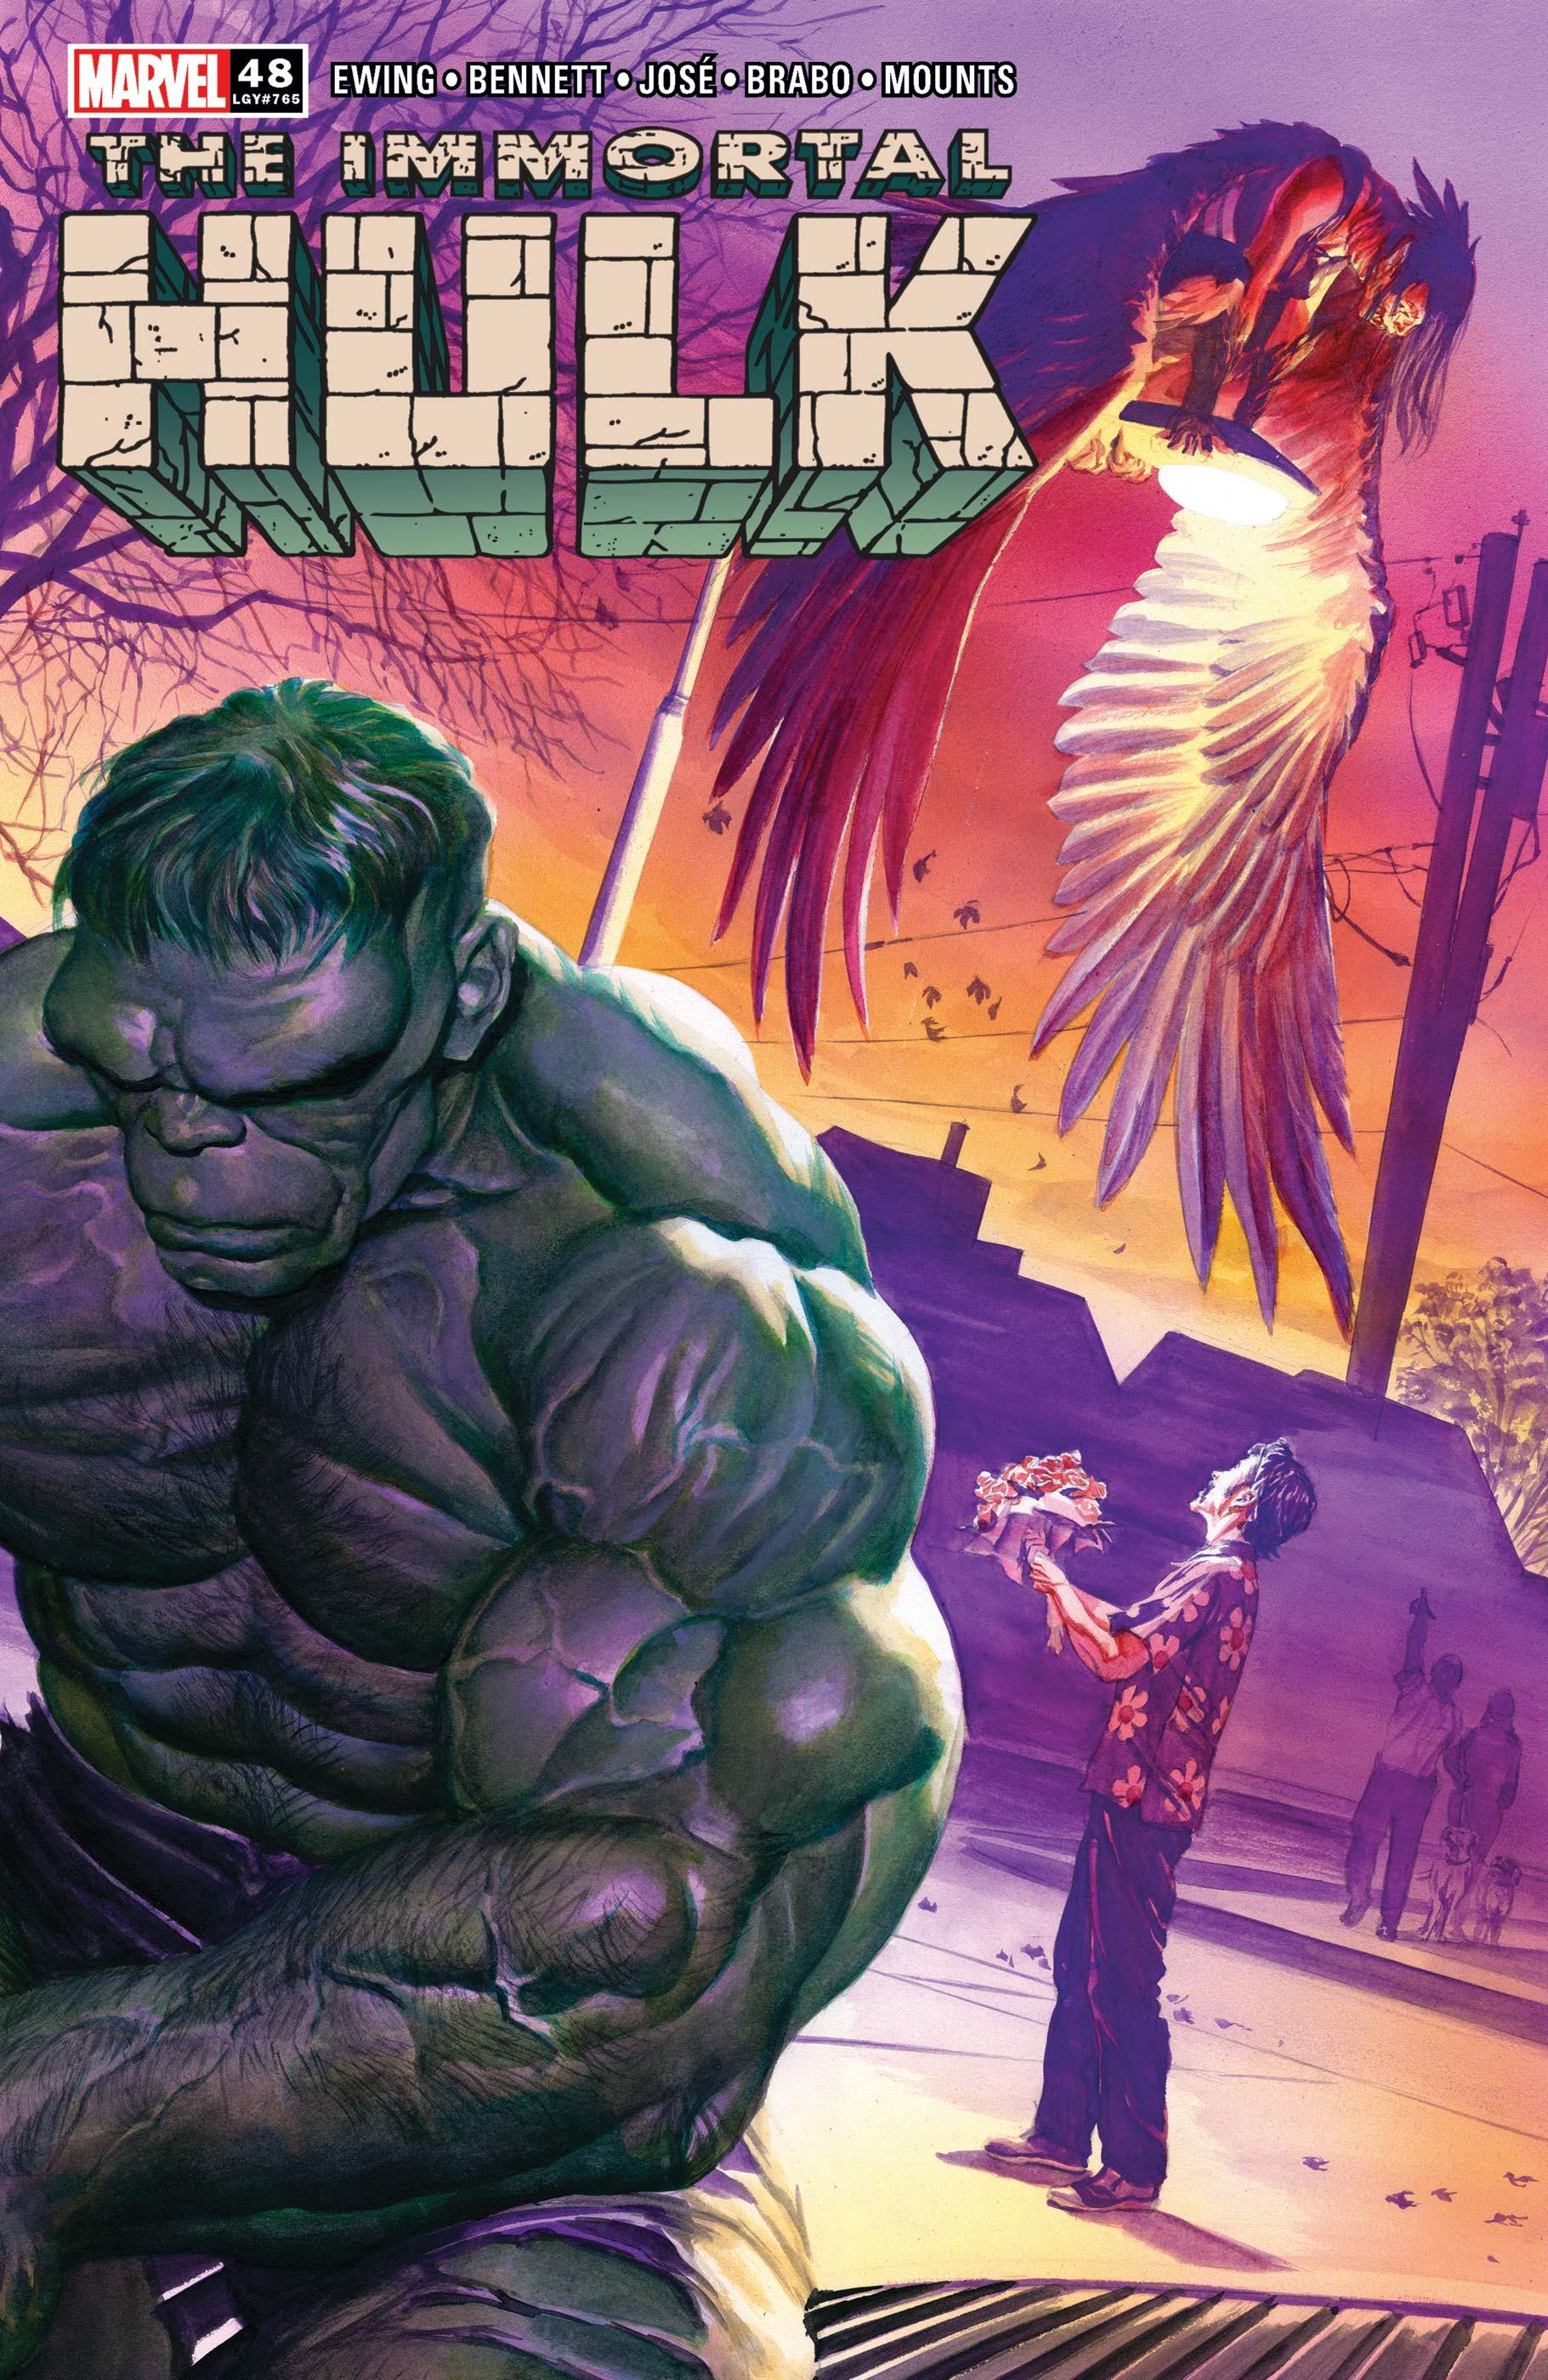 Immortal Hulk (2018) #48